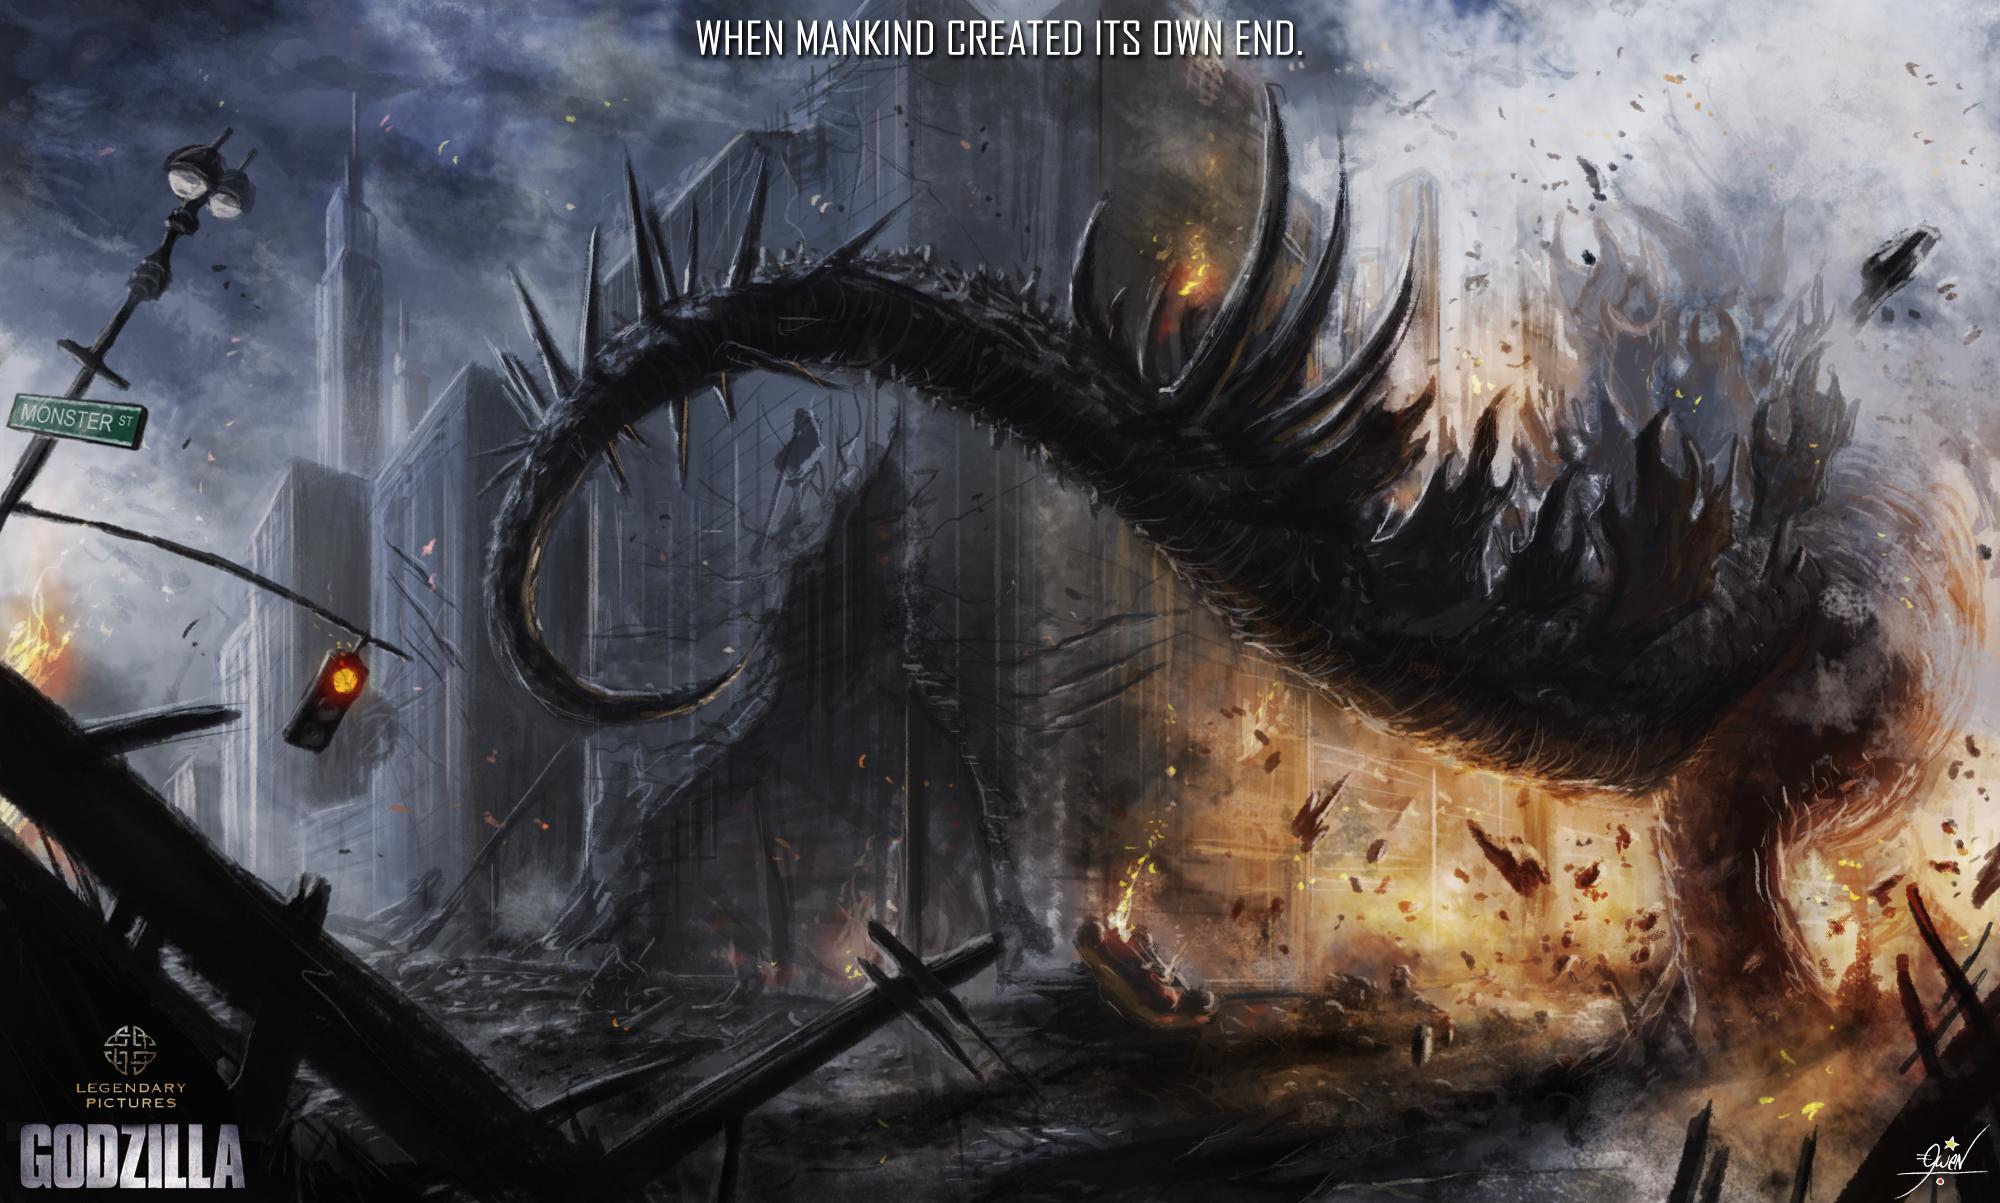 Movie HD Wallpaper Godzilla 2014 Illustration Movie HD Wallpaper 2000x1203